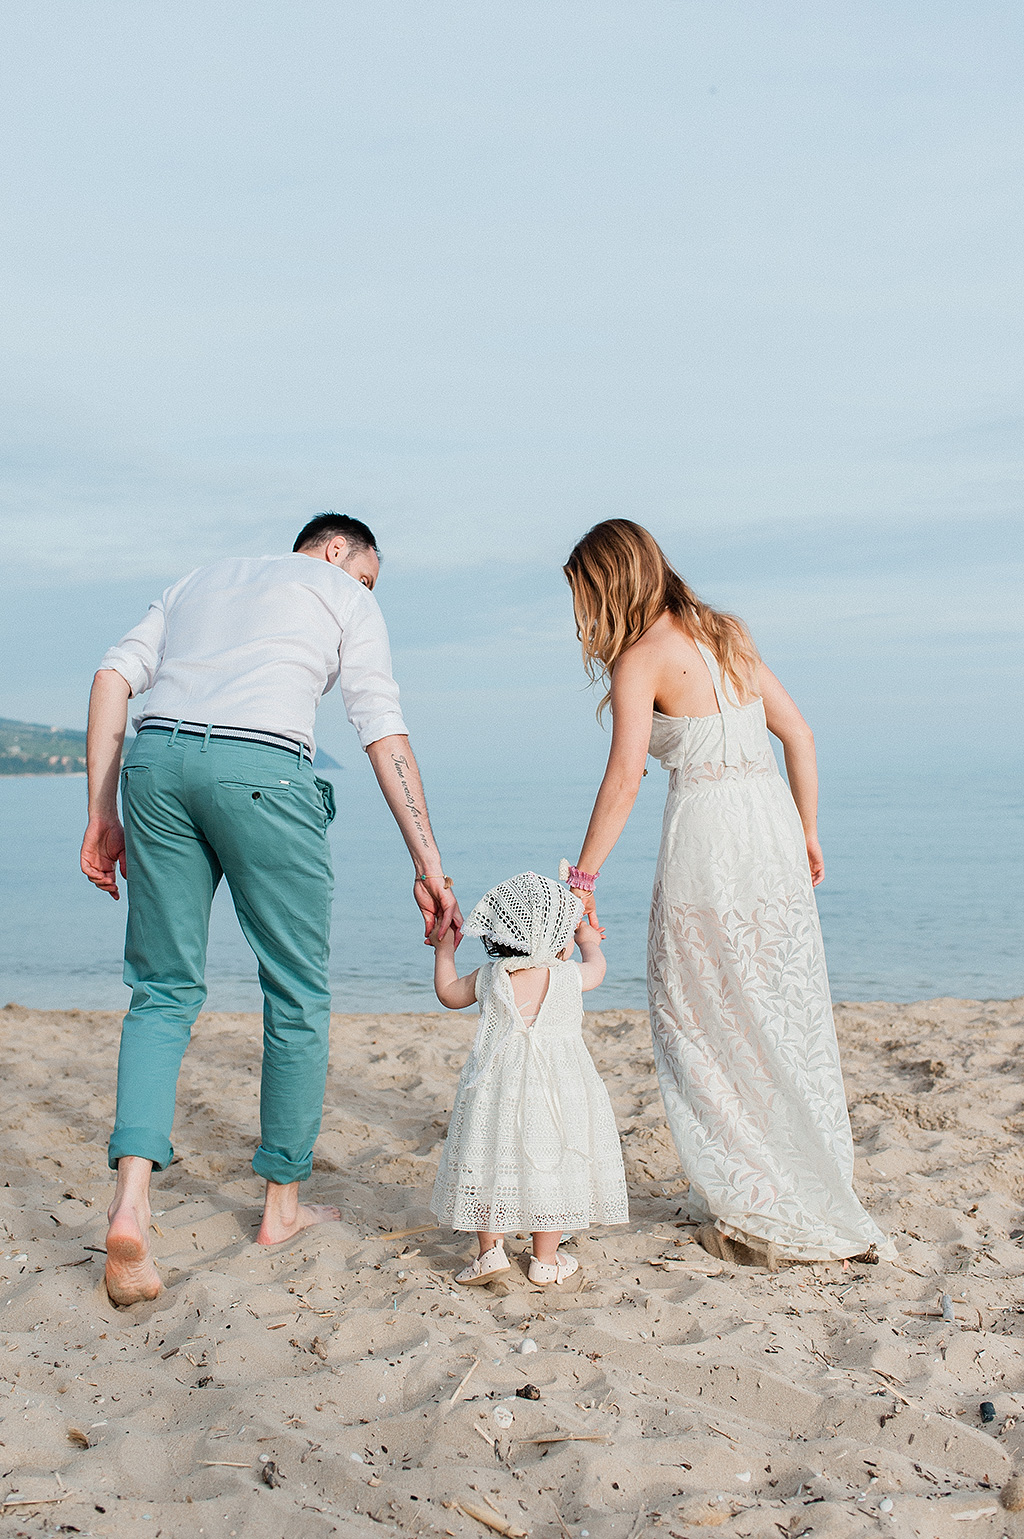 βάπτιση στη θάλασσα, Baby Christenning on the Beach at kefalonia island, Φωτογράφιση Βάπτισης στην Θάλασσα στην Κεφαλονιά